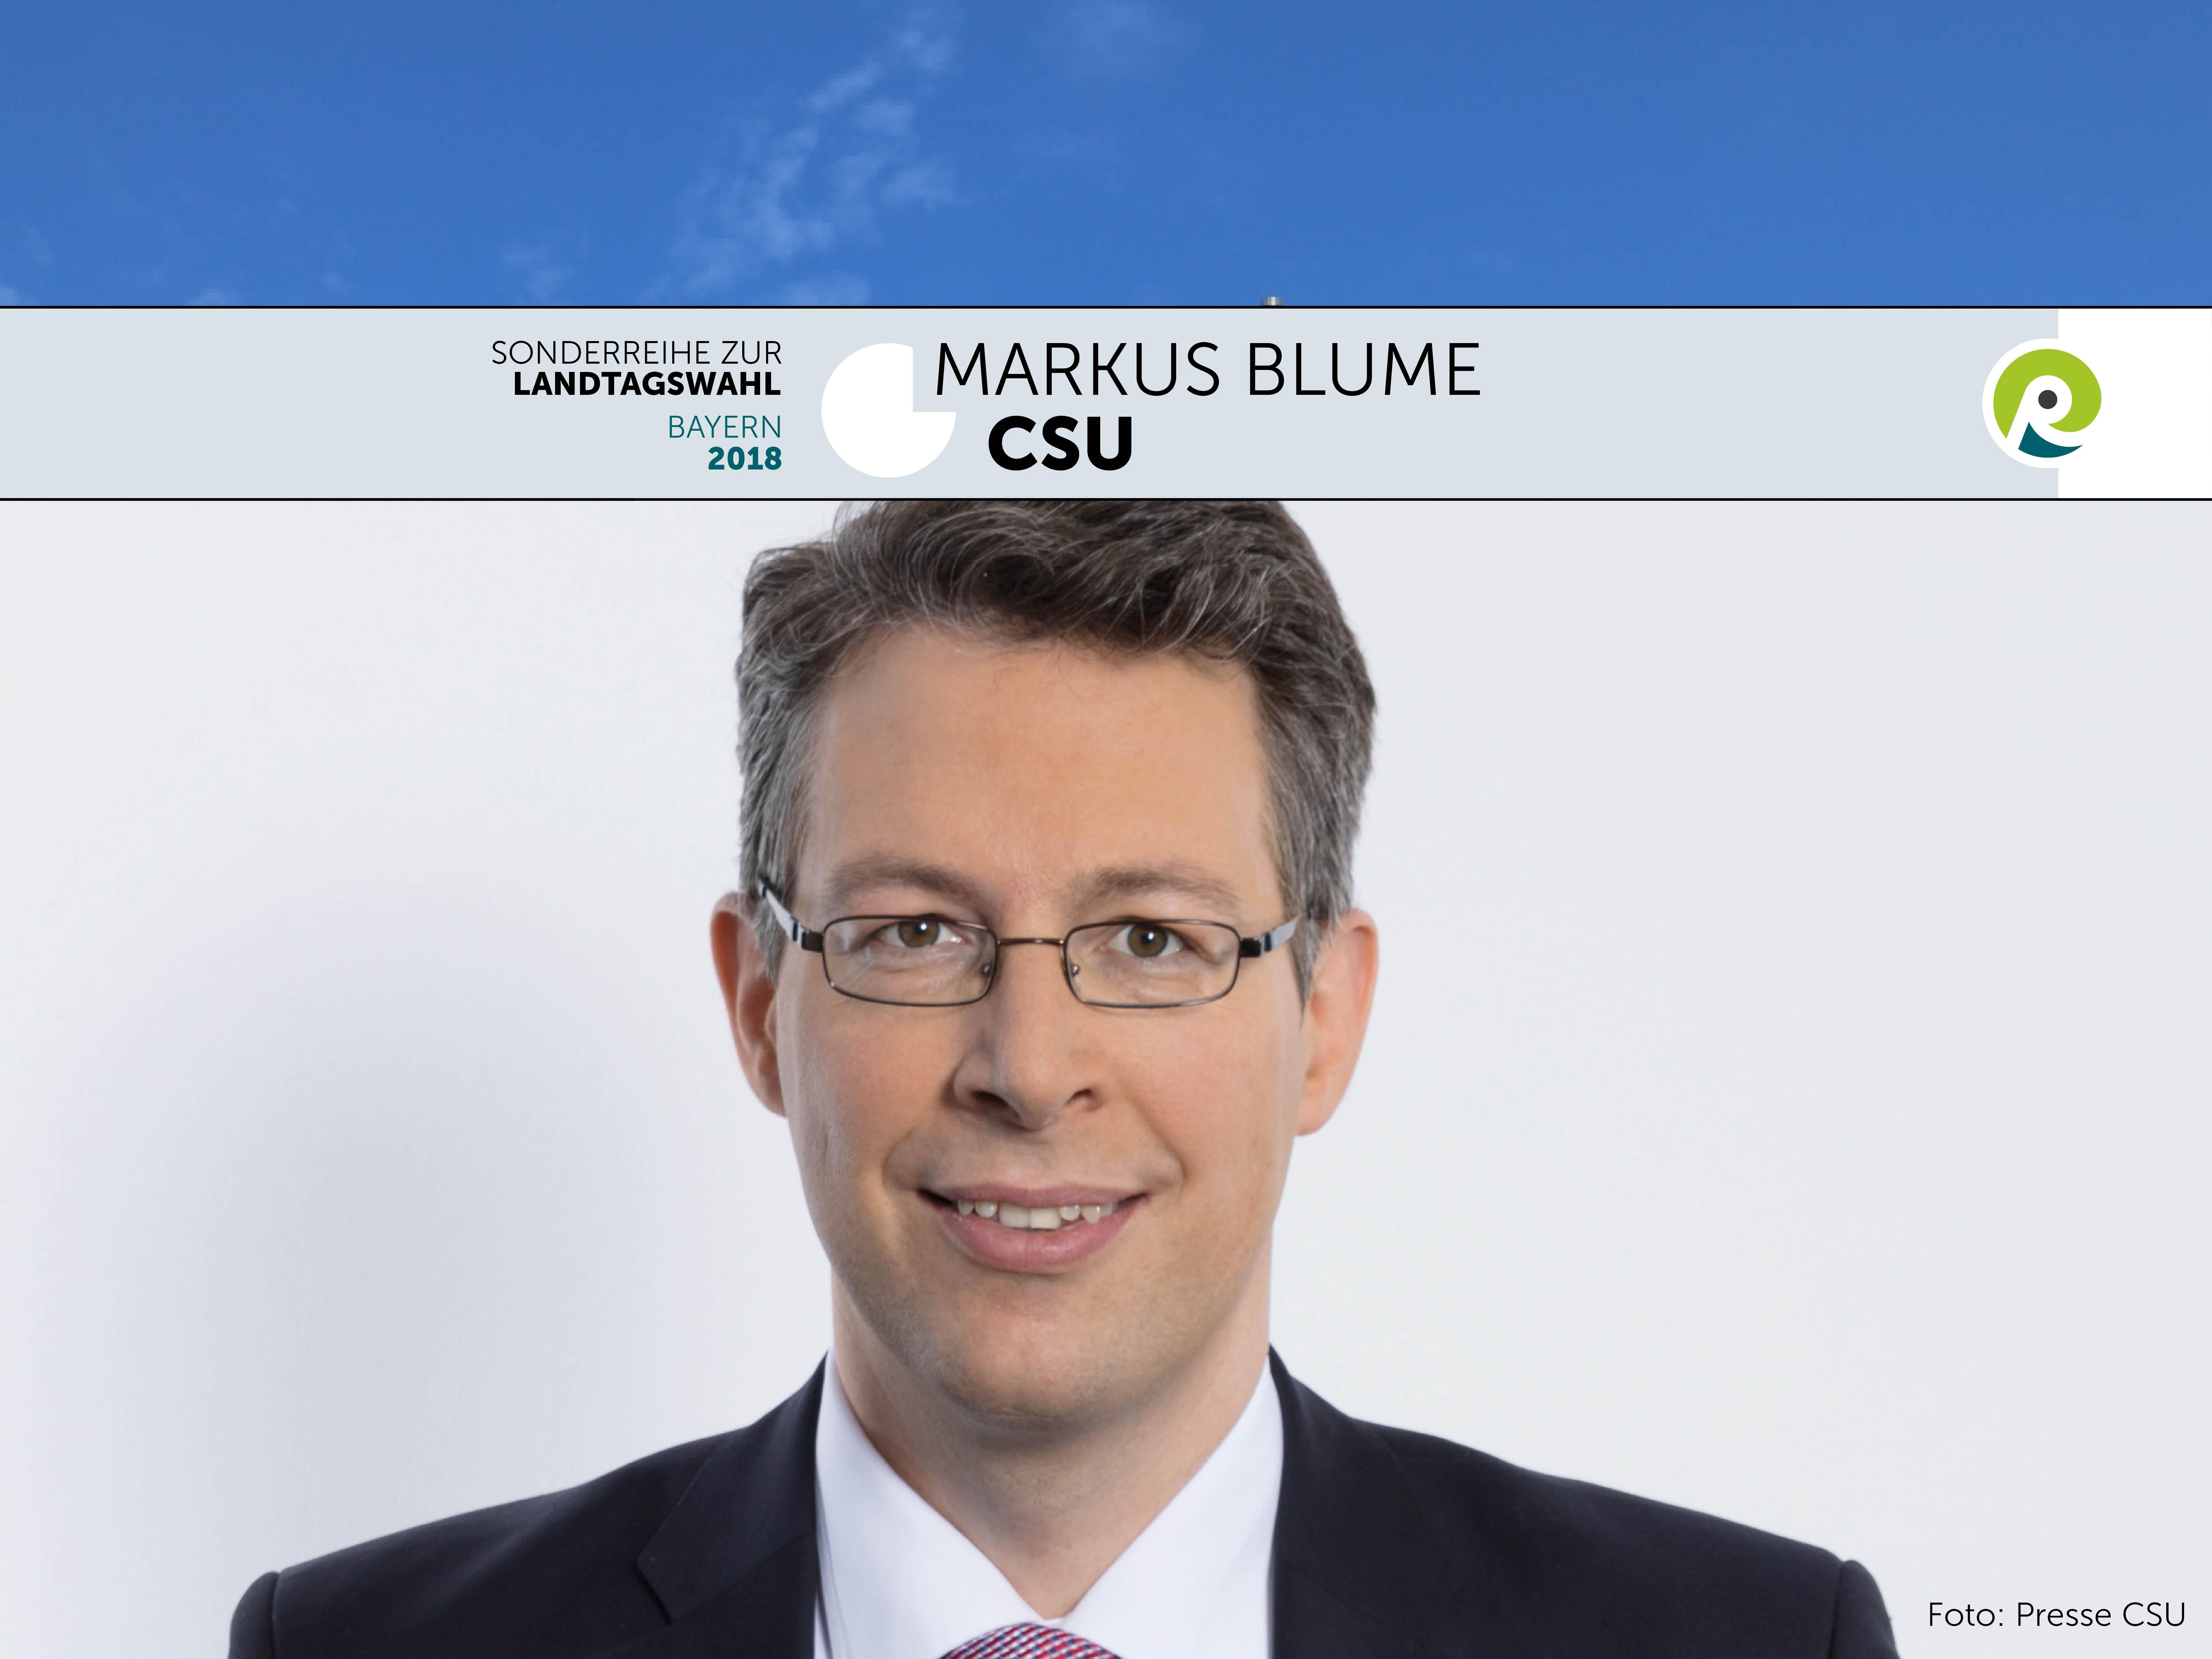 Landtagswahl 2018: Meinungen der CSU zum Thema Landwirtschaft